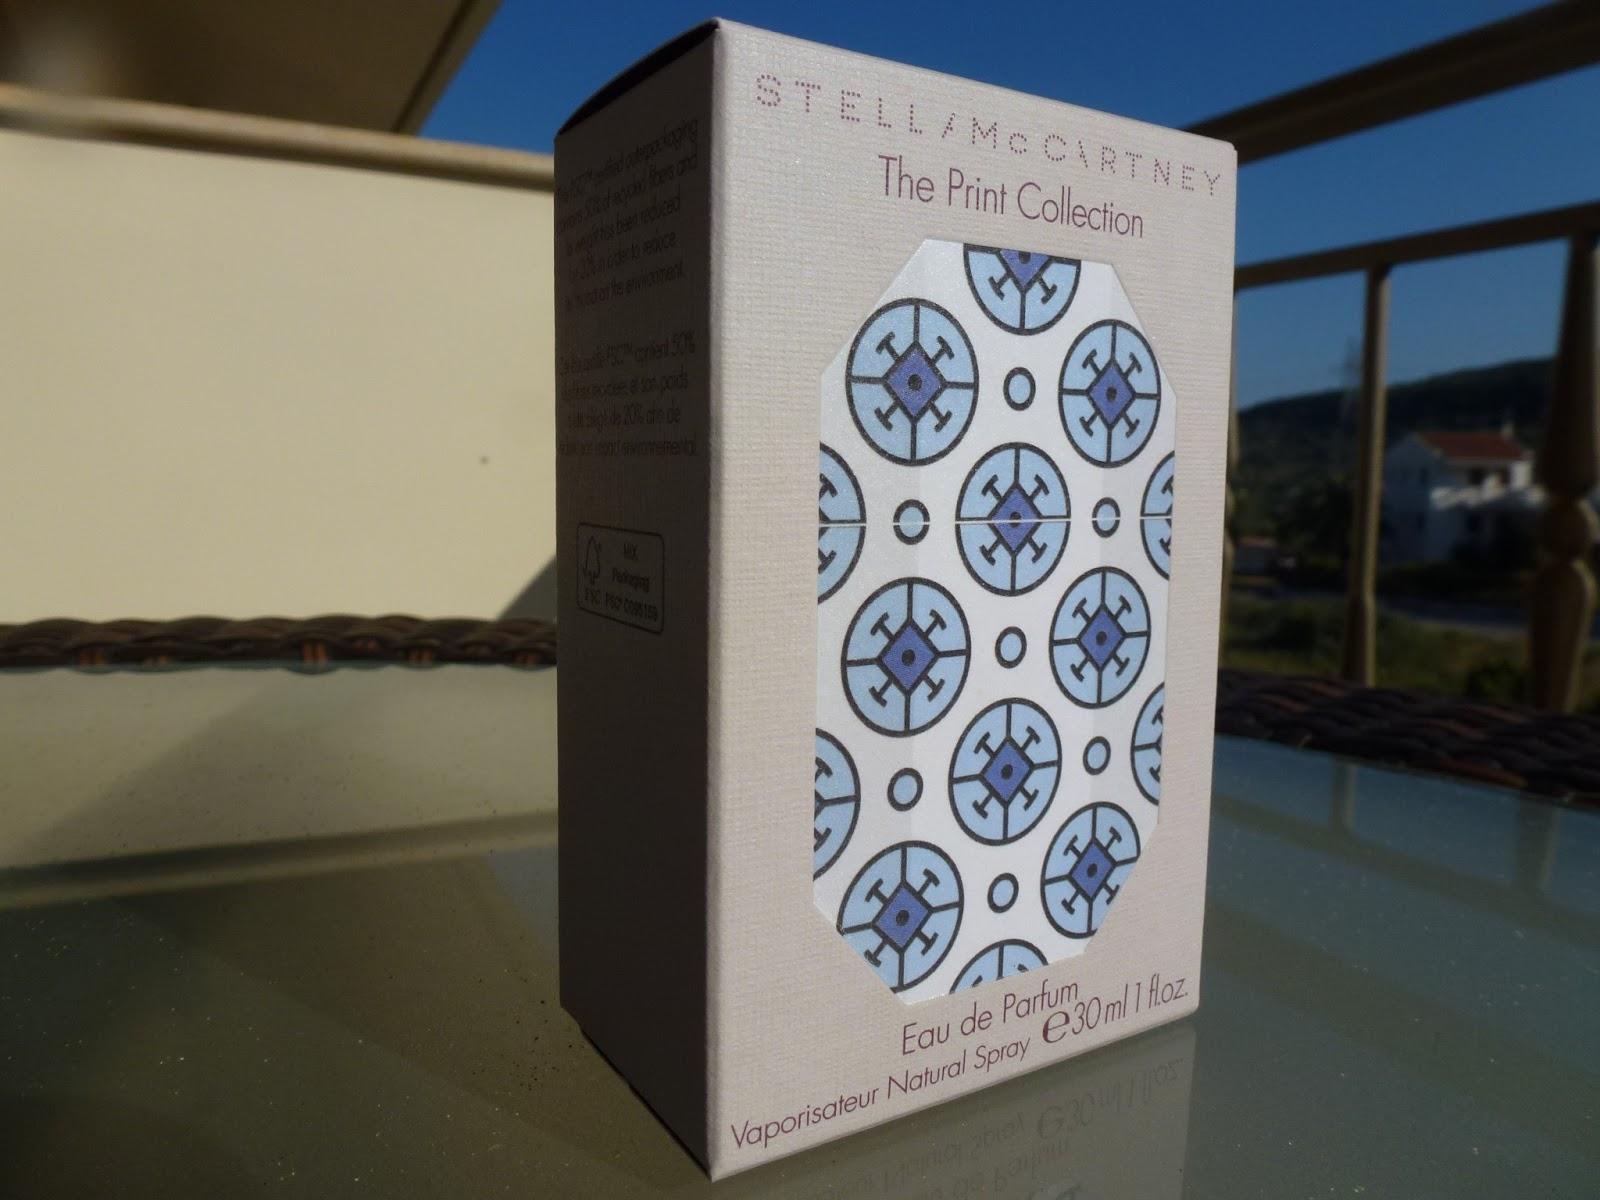 Stella-by-Stella-McCarney-Print-Edition